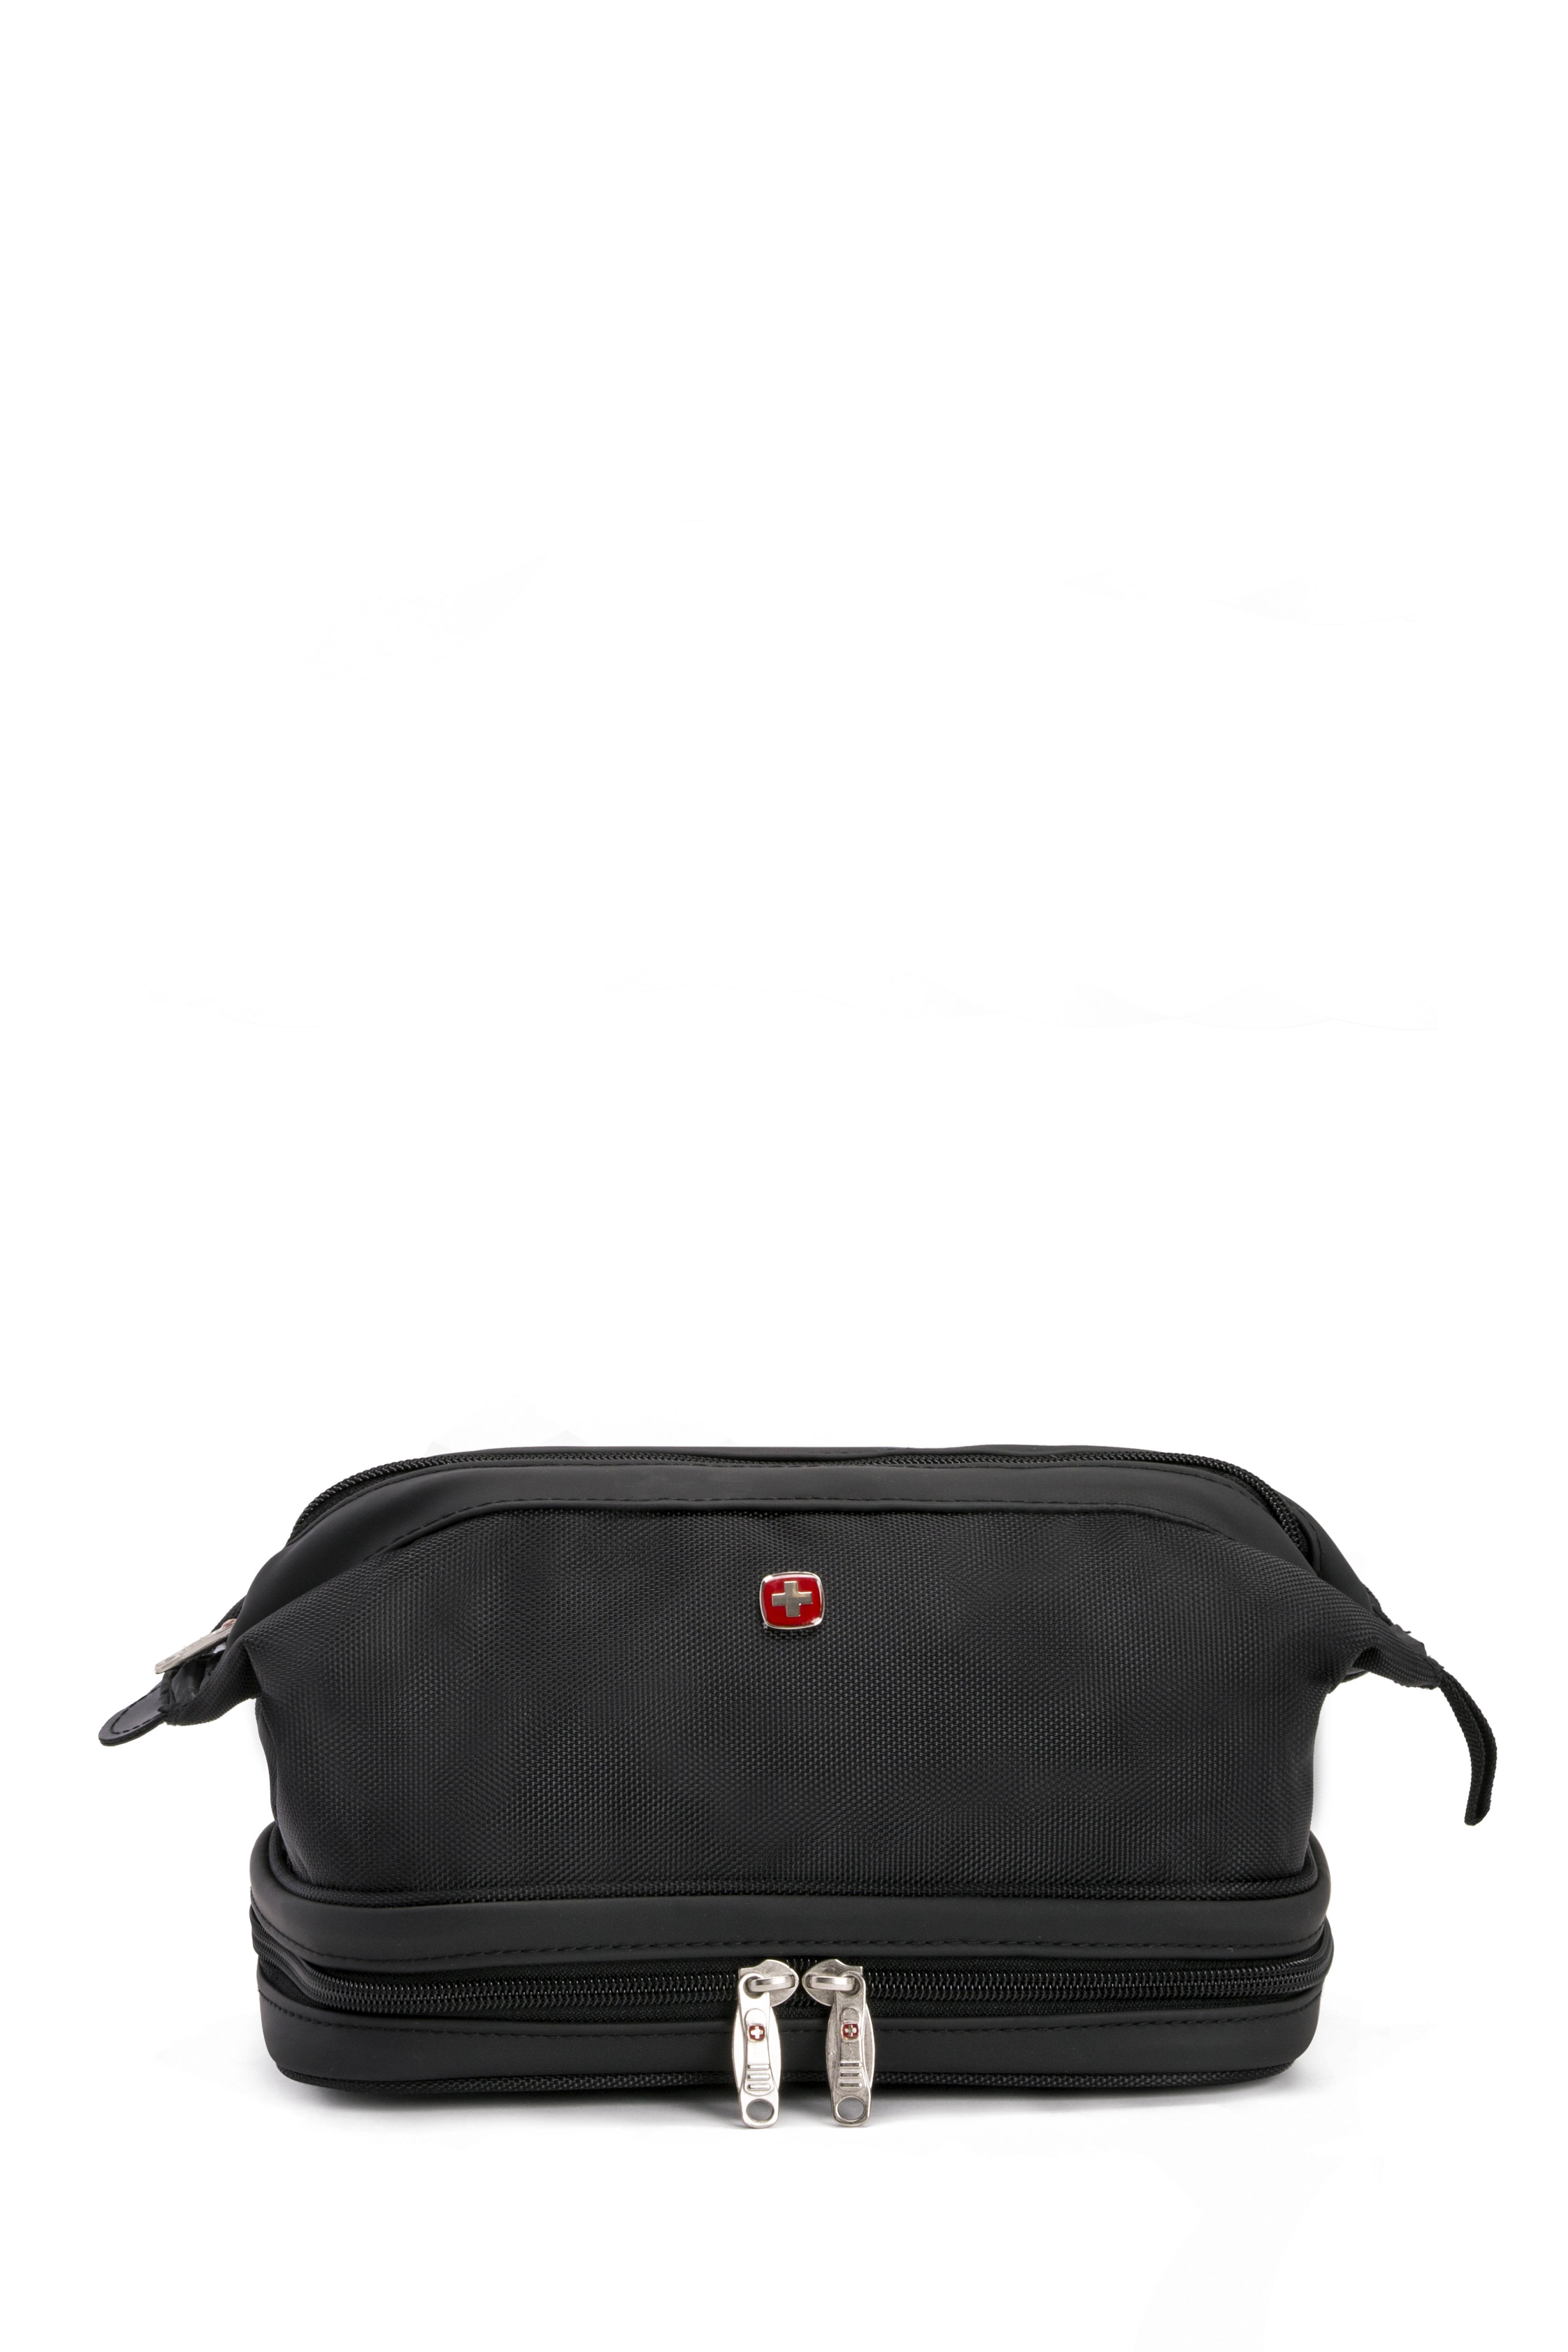 swissgear-8756-deluxe-framed-travel-kit-black-front 1.jpg d50a712f25db2